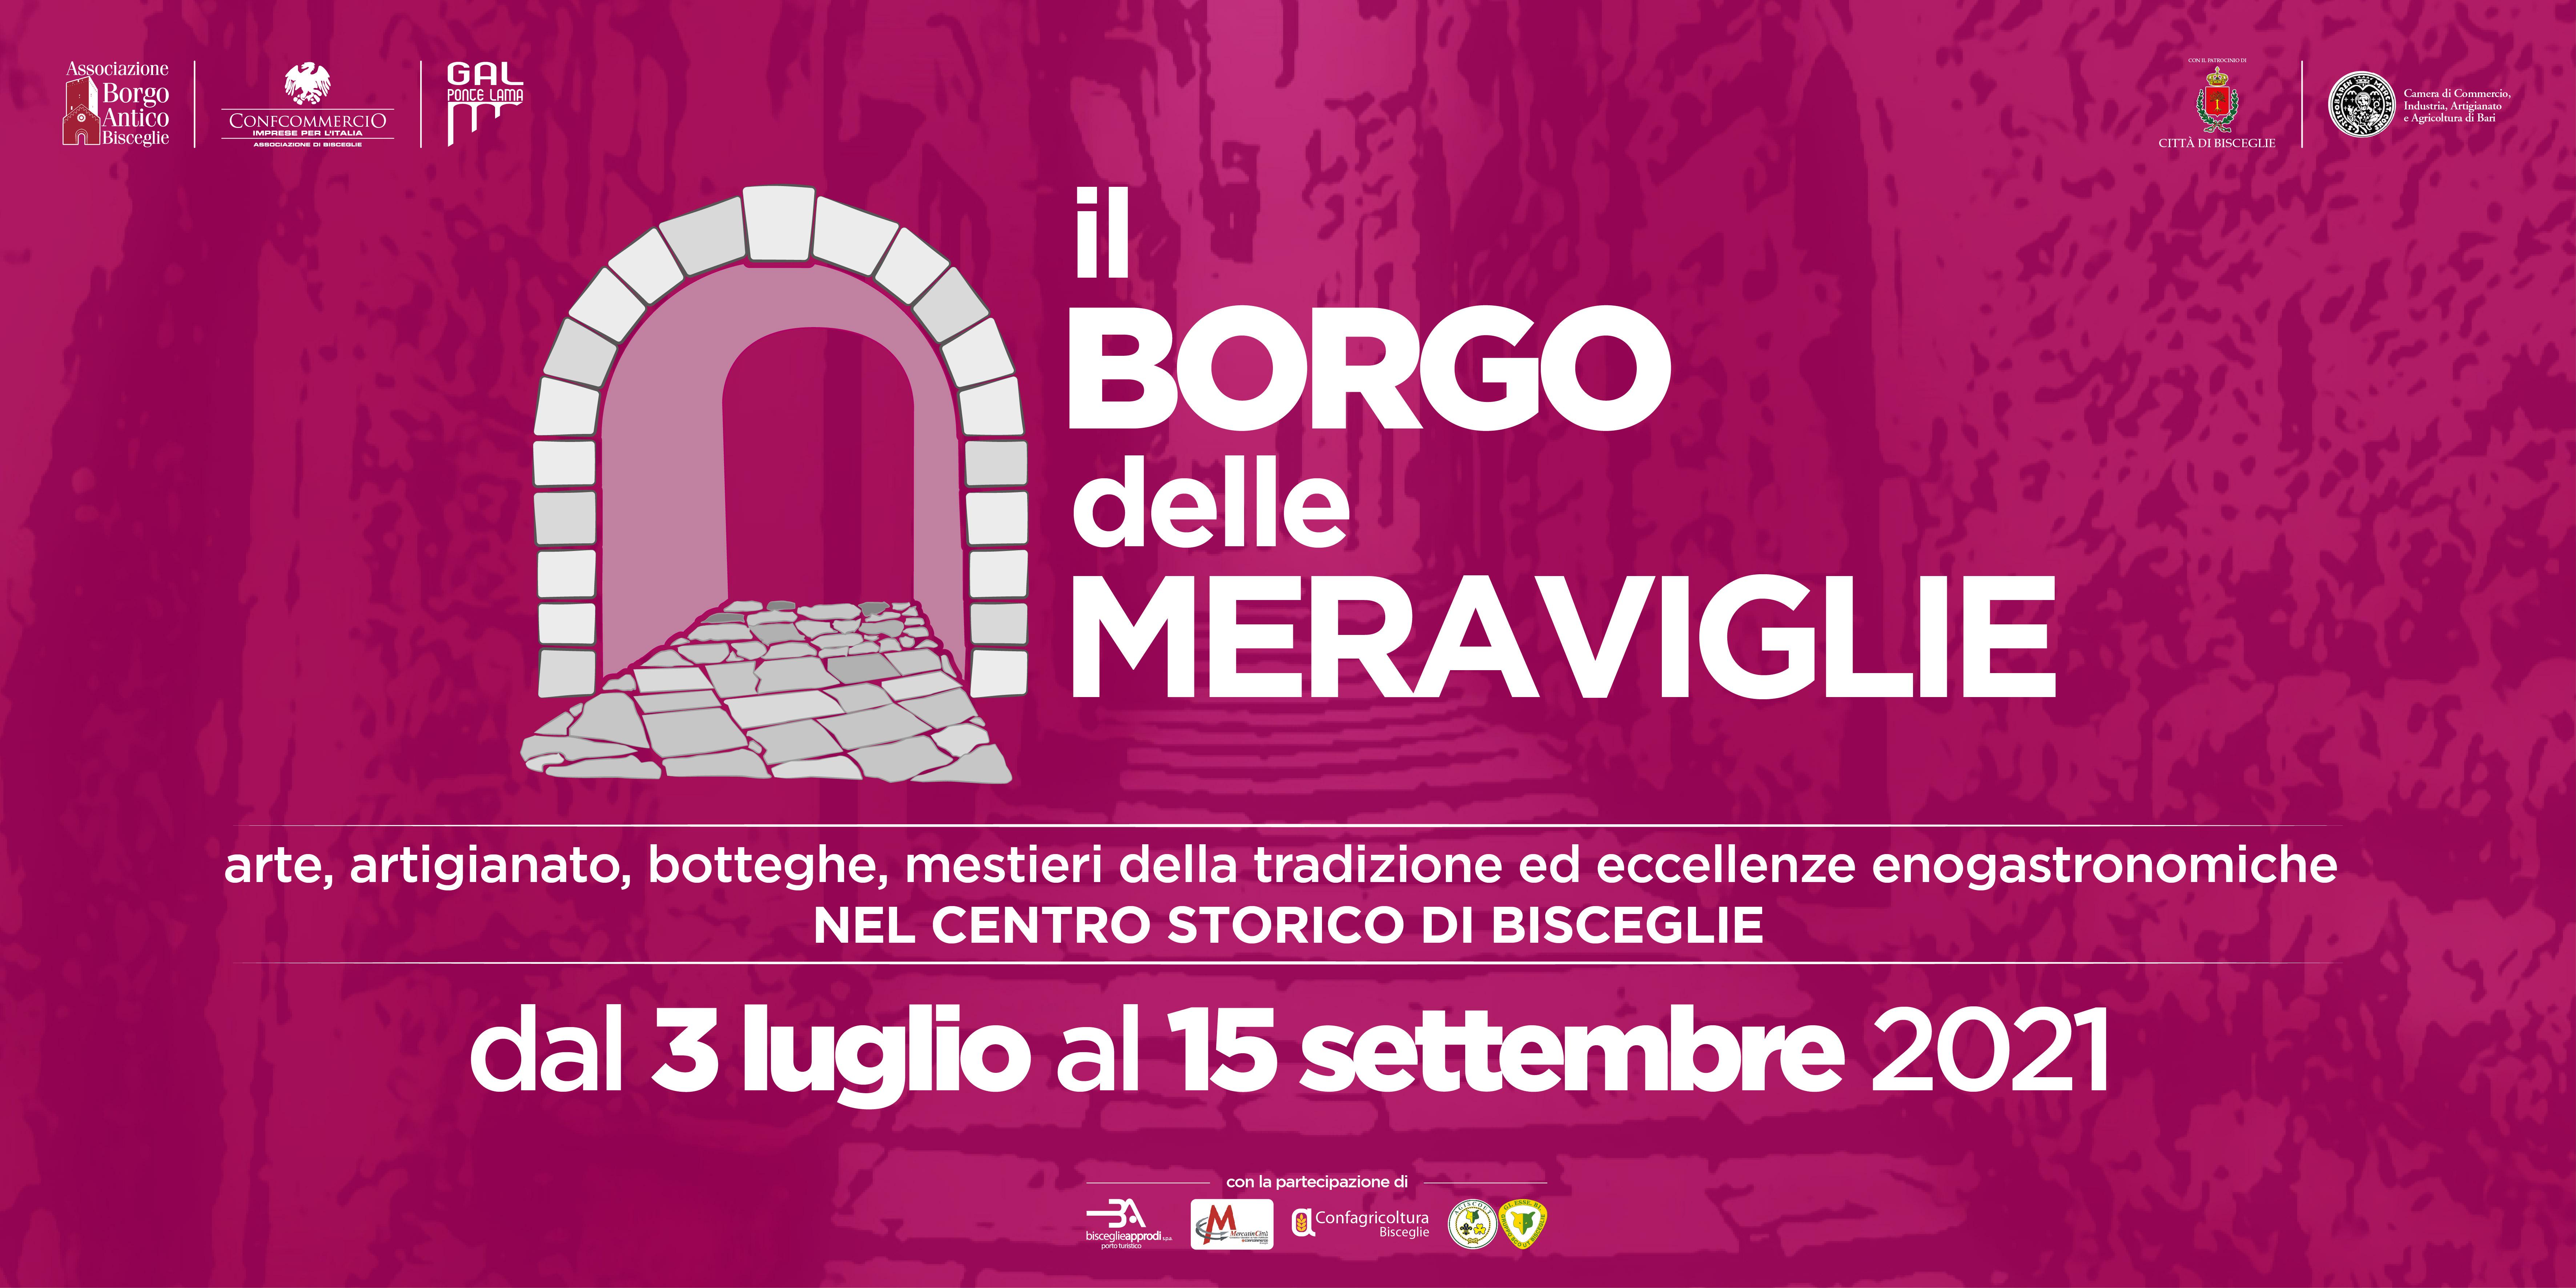 Il Borgo delle Meraviglie torna a Bisceglie per la seconda edizione: i locali del centro storico riaprono per ospitare nuove attività commerciali